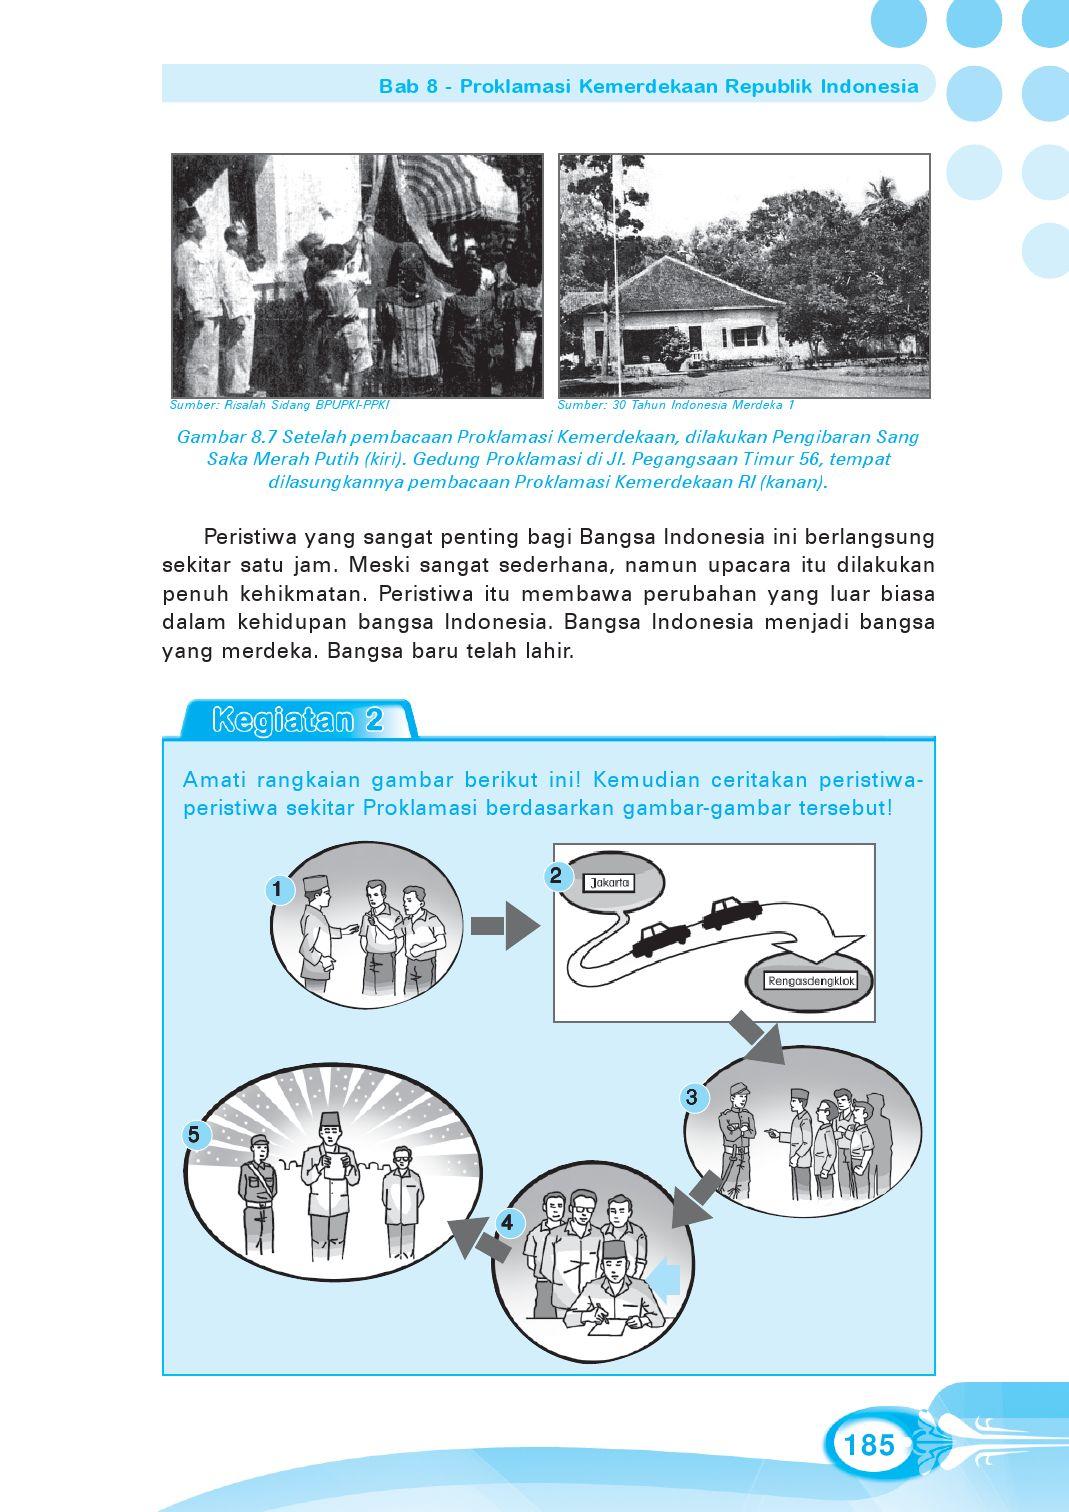 Pengibaran Sang Saka Merah Putih Setelah Pembacaan Proklamasi Kemerdekaan Indonesia Dilakukan Oleh : pengibaran, merah, putih, setelah, pembacaan, proklamasi, kemerdekaan, indonesia, dilakukan, Kelas05_ips_endang-linda, Selagan, Issuu